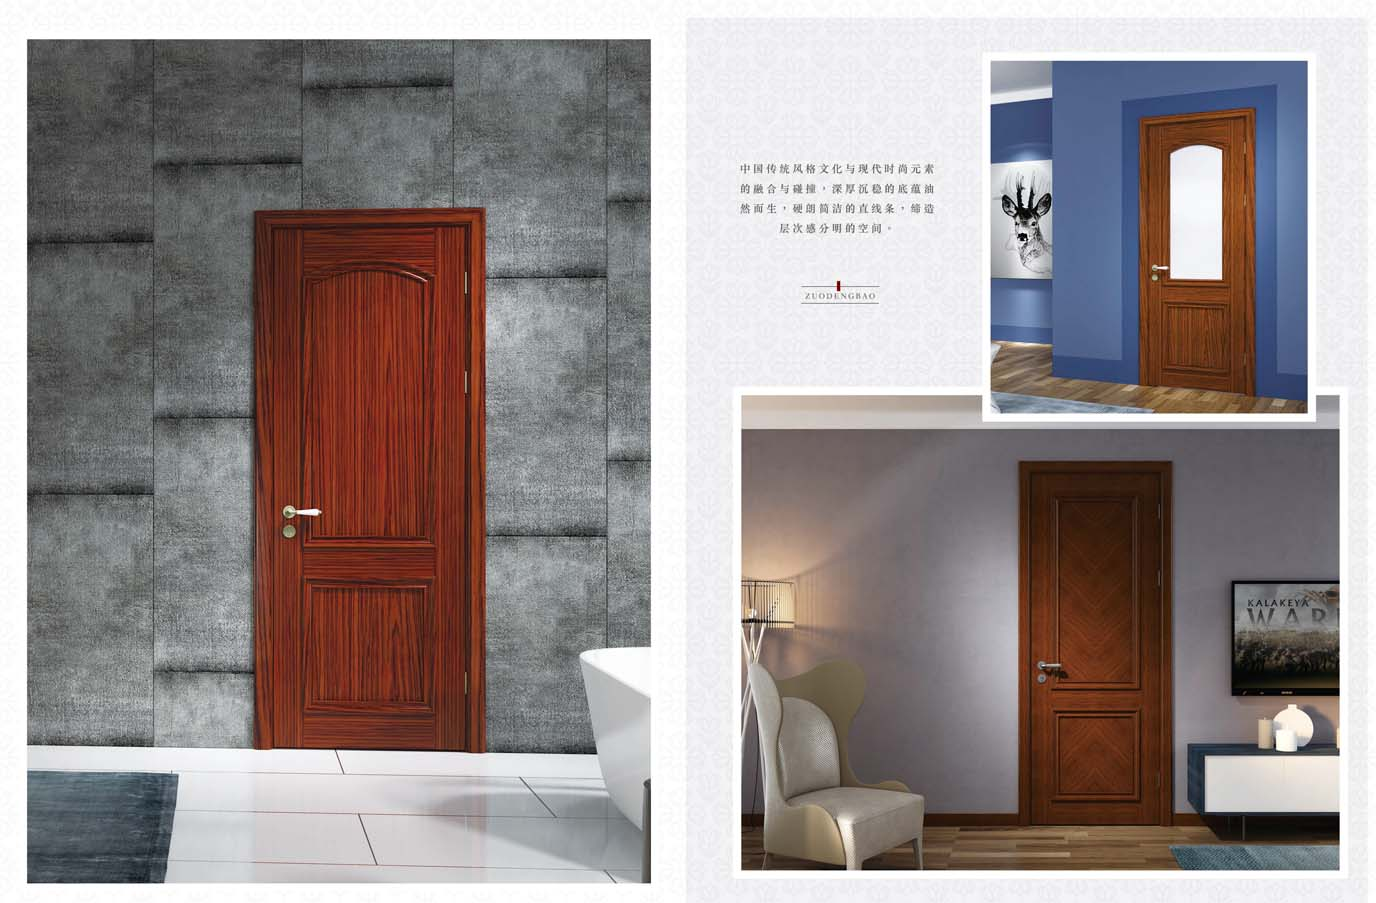 Porta batente de madeira pesados design de entrada de entrada de madeira/interior da porta pivot